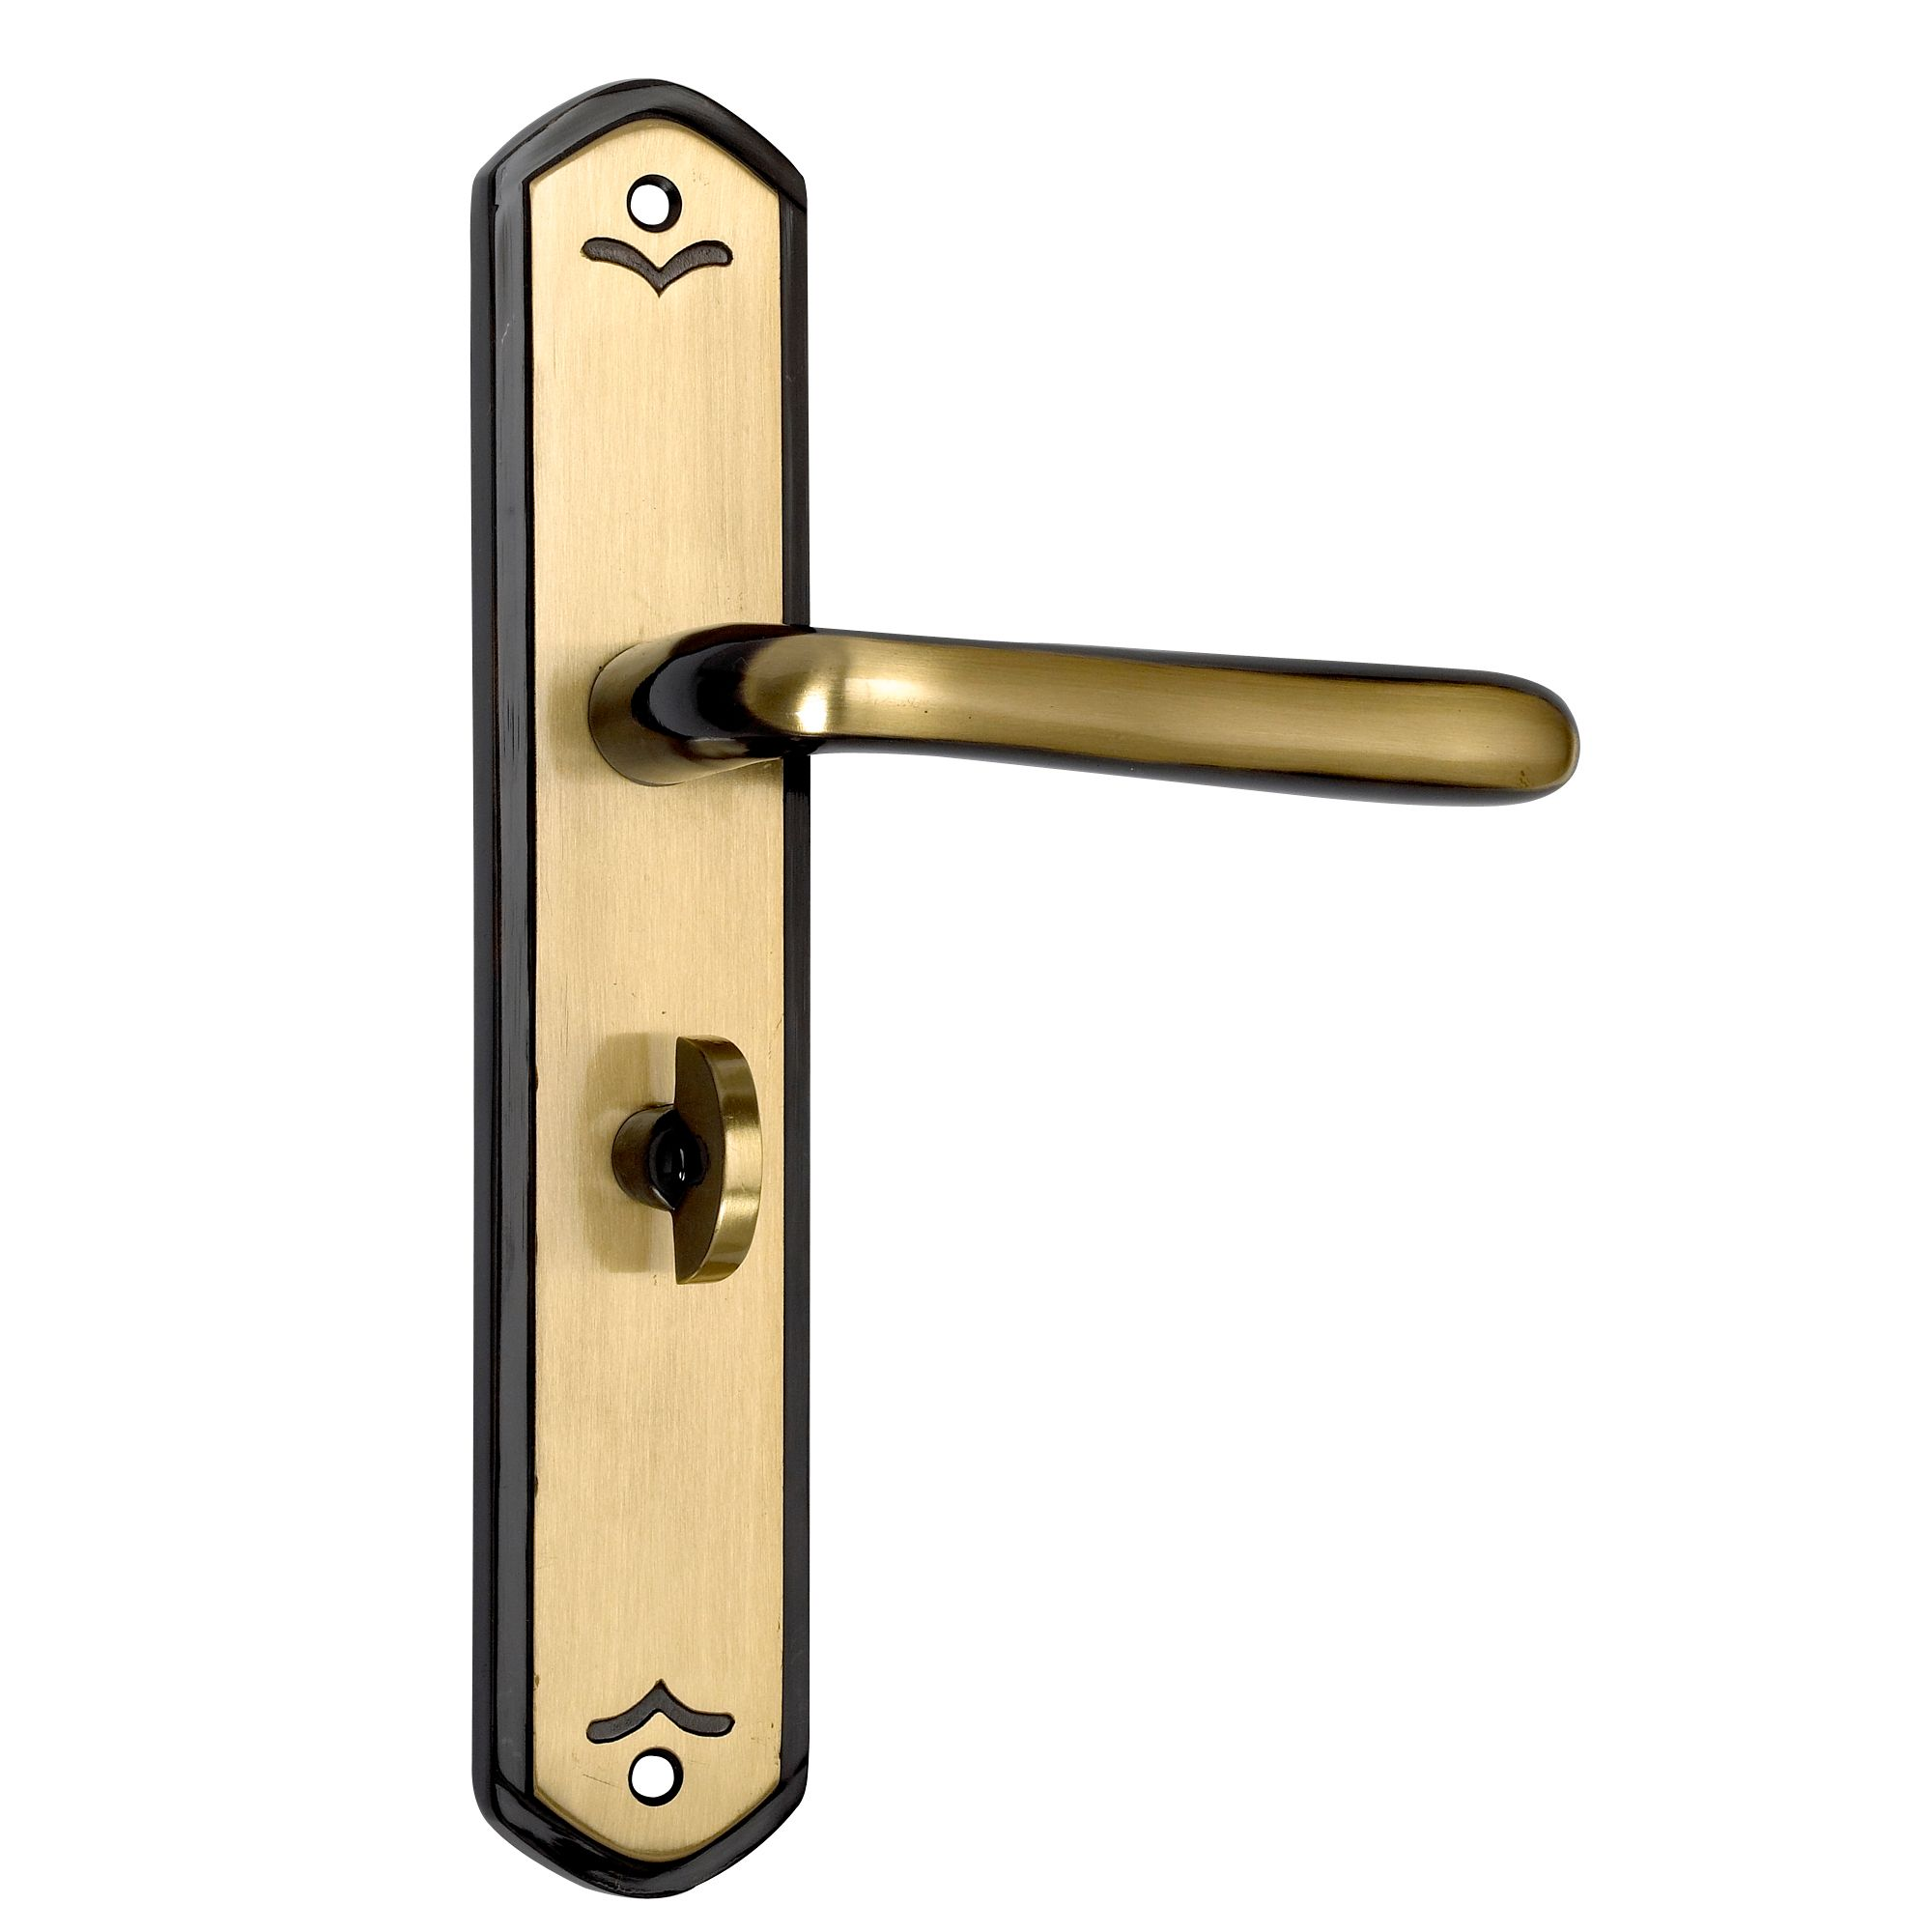 B&q door knobs – Door Knobs